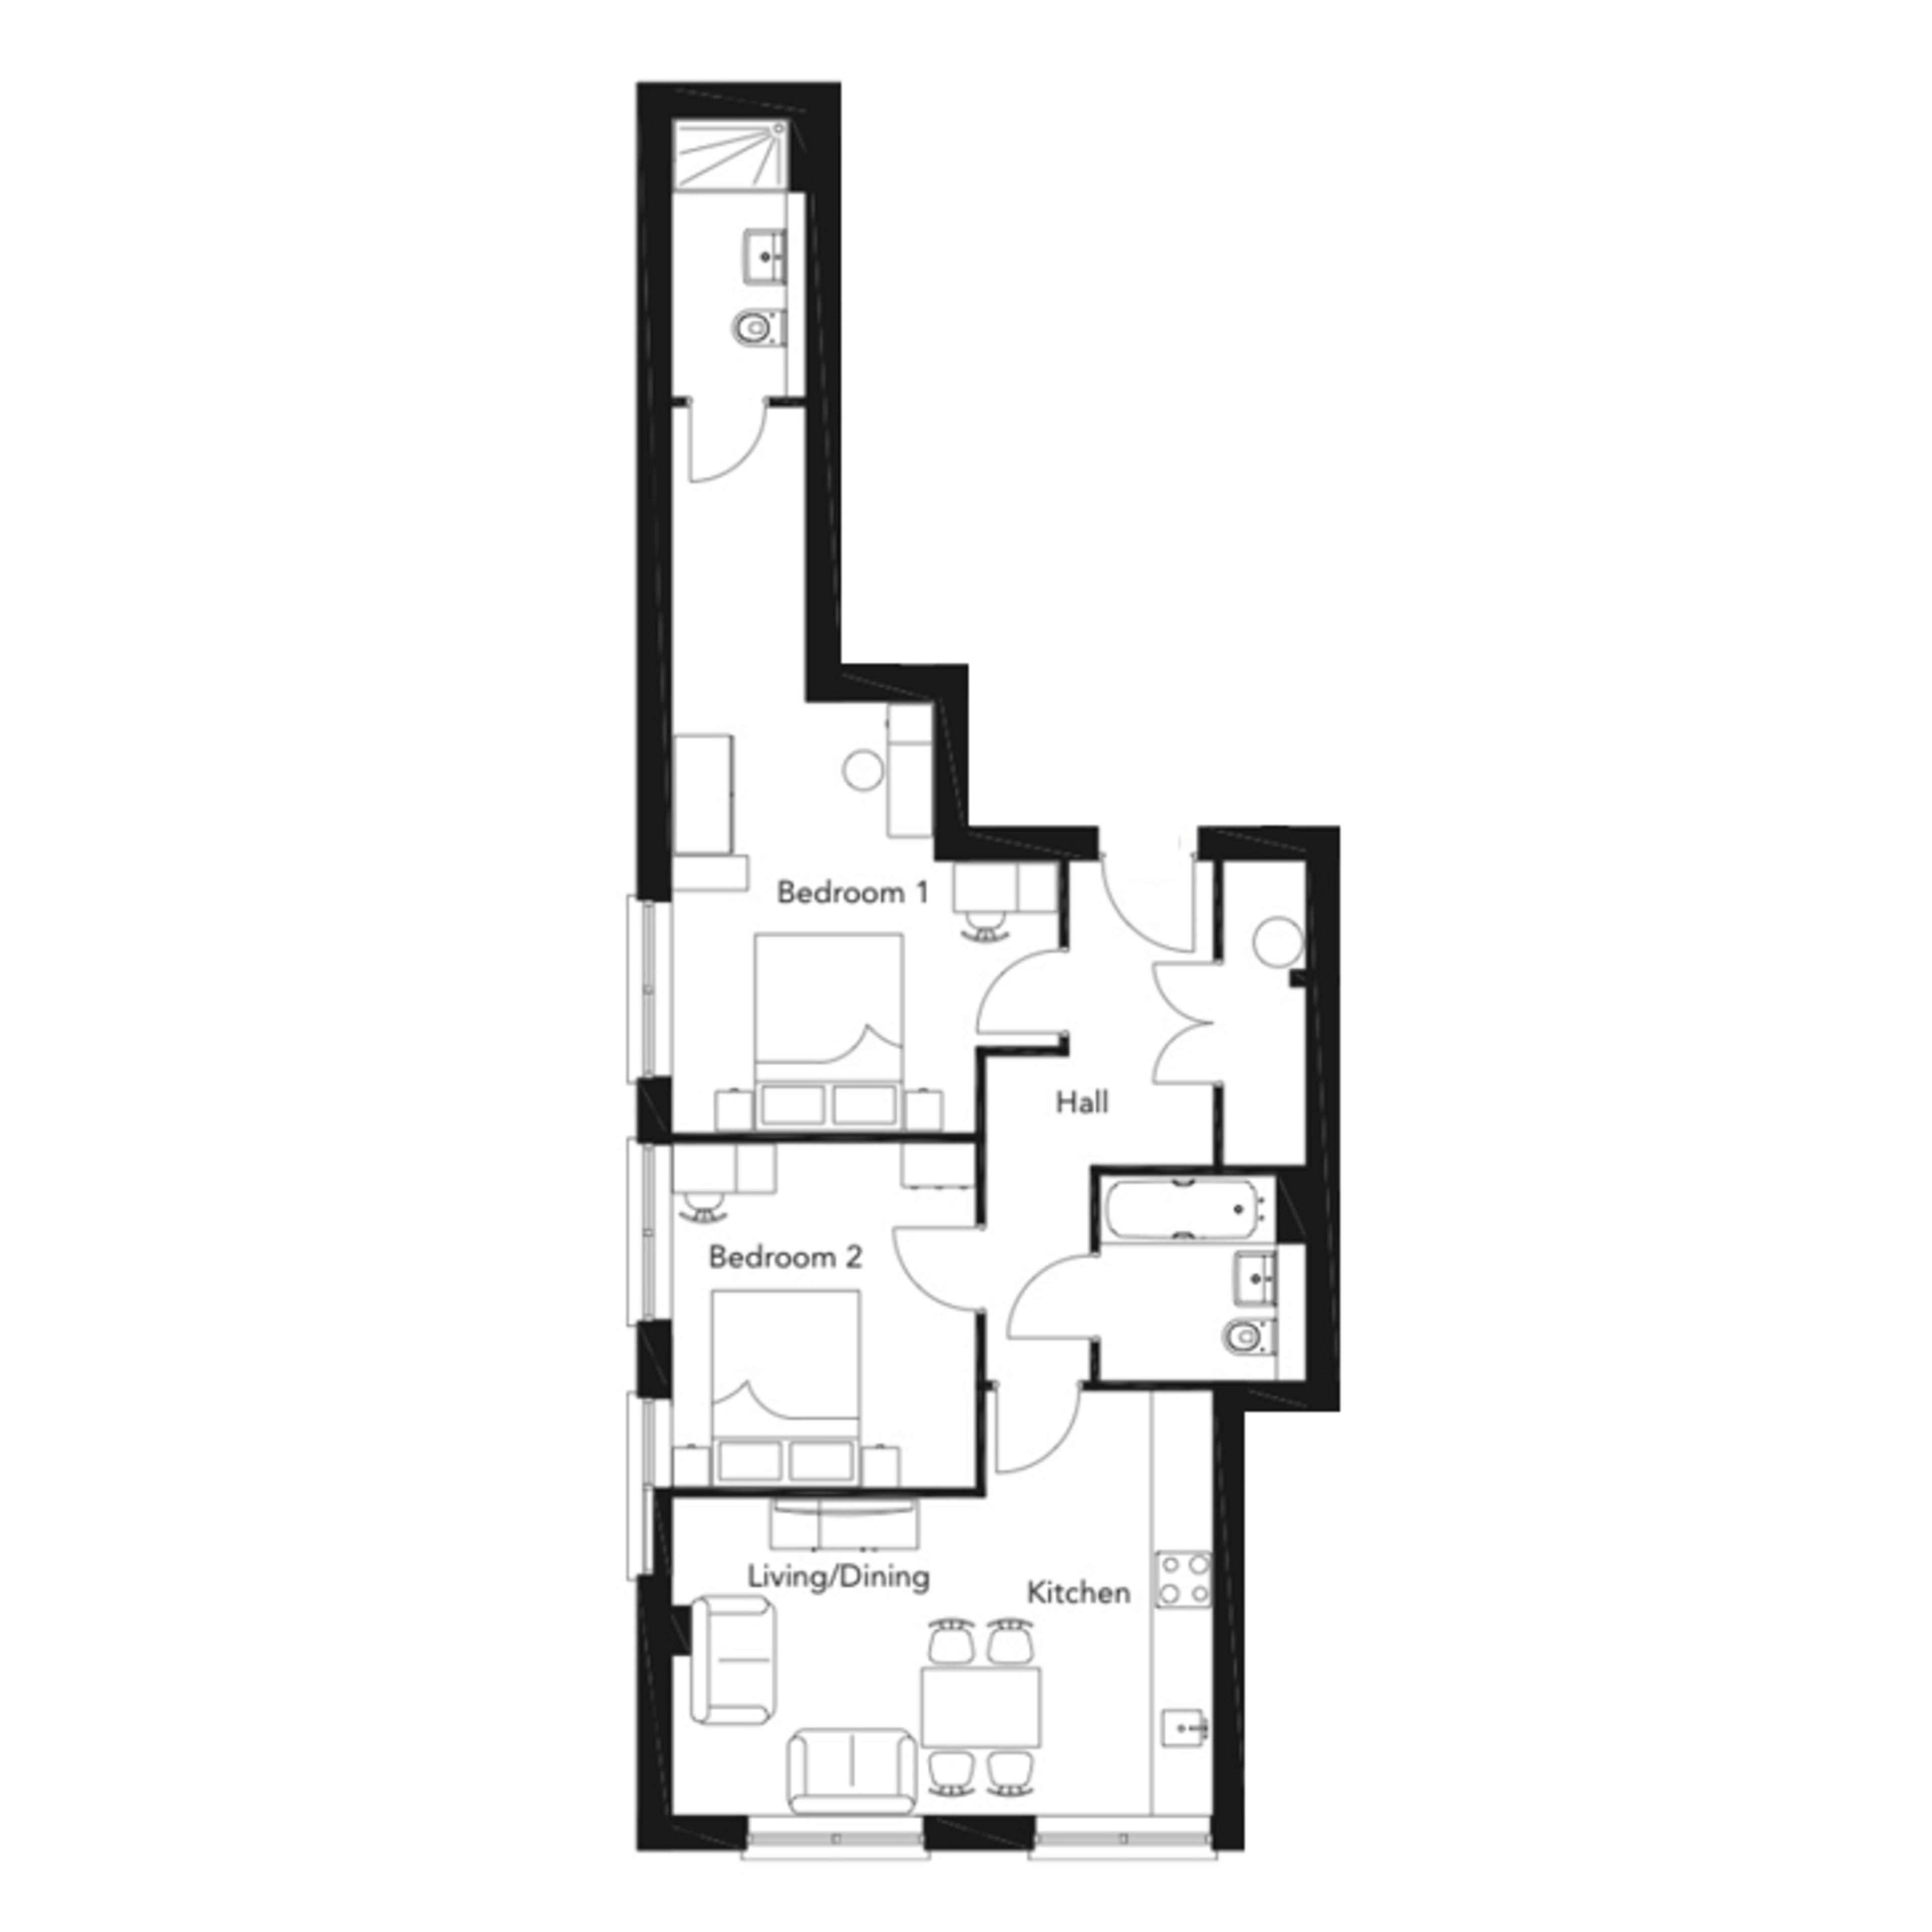 Franklin Court - 2 bedroom apartment - floor plan - type F